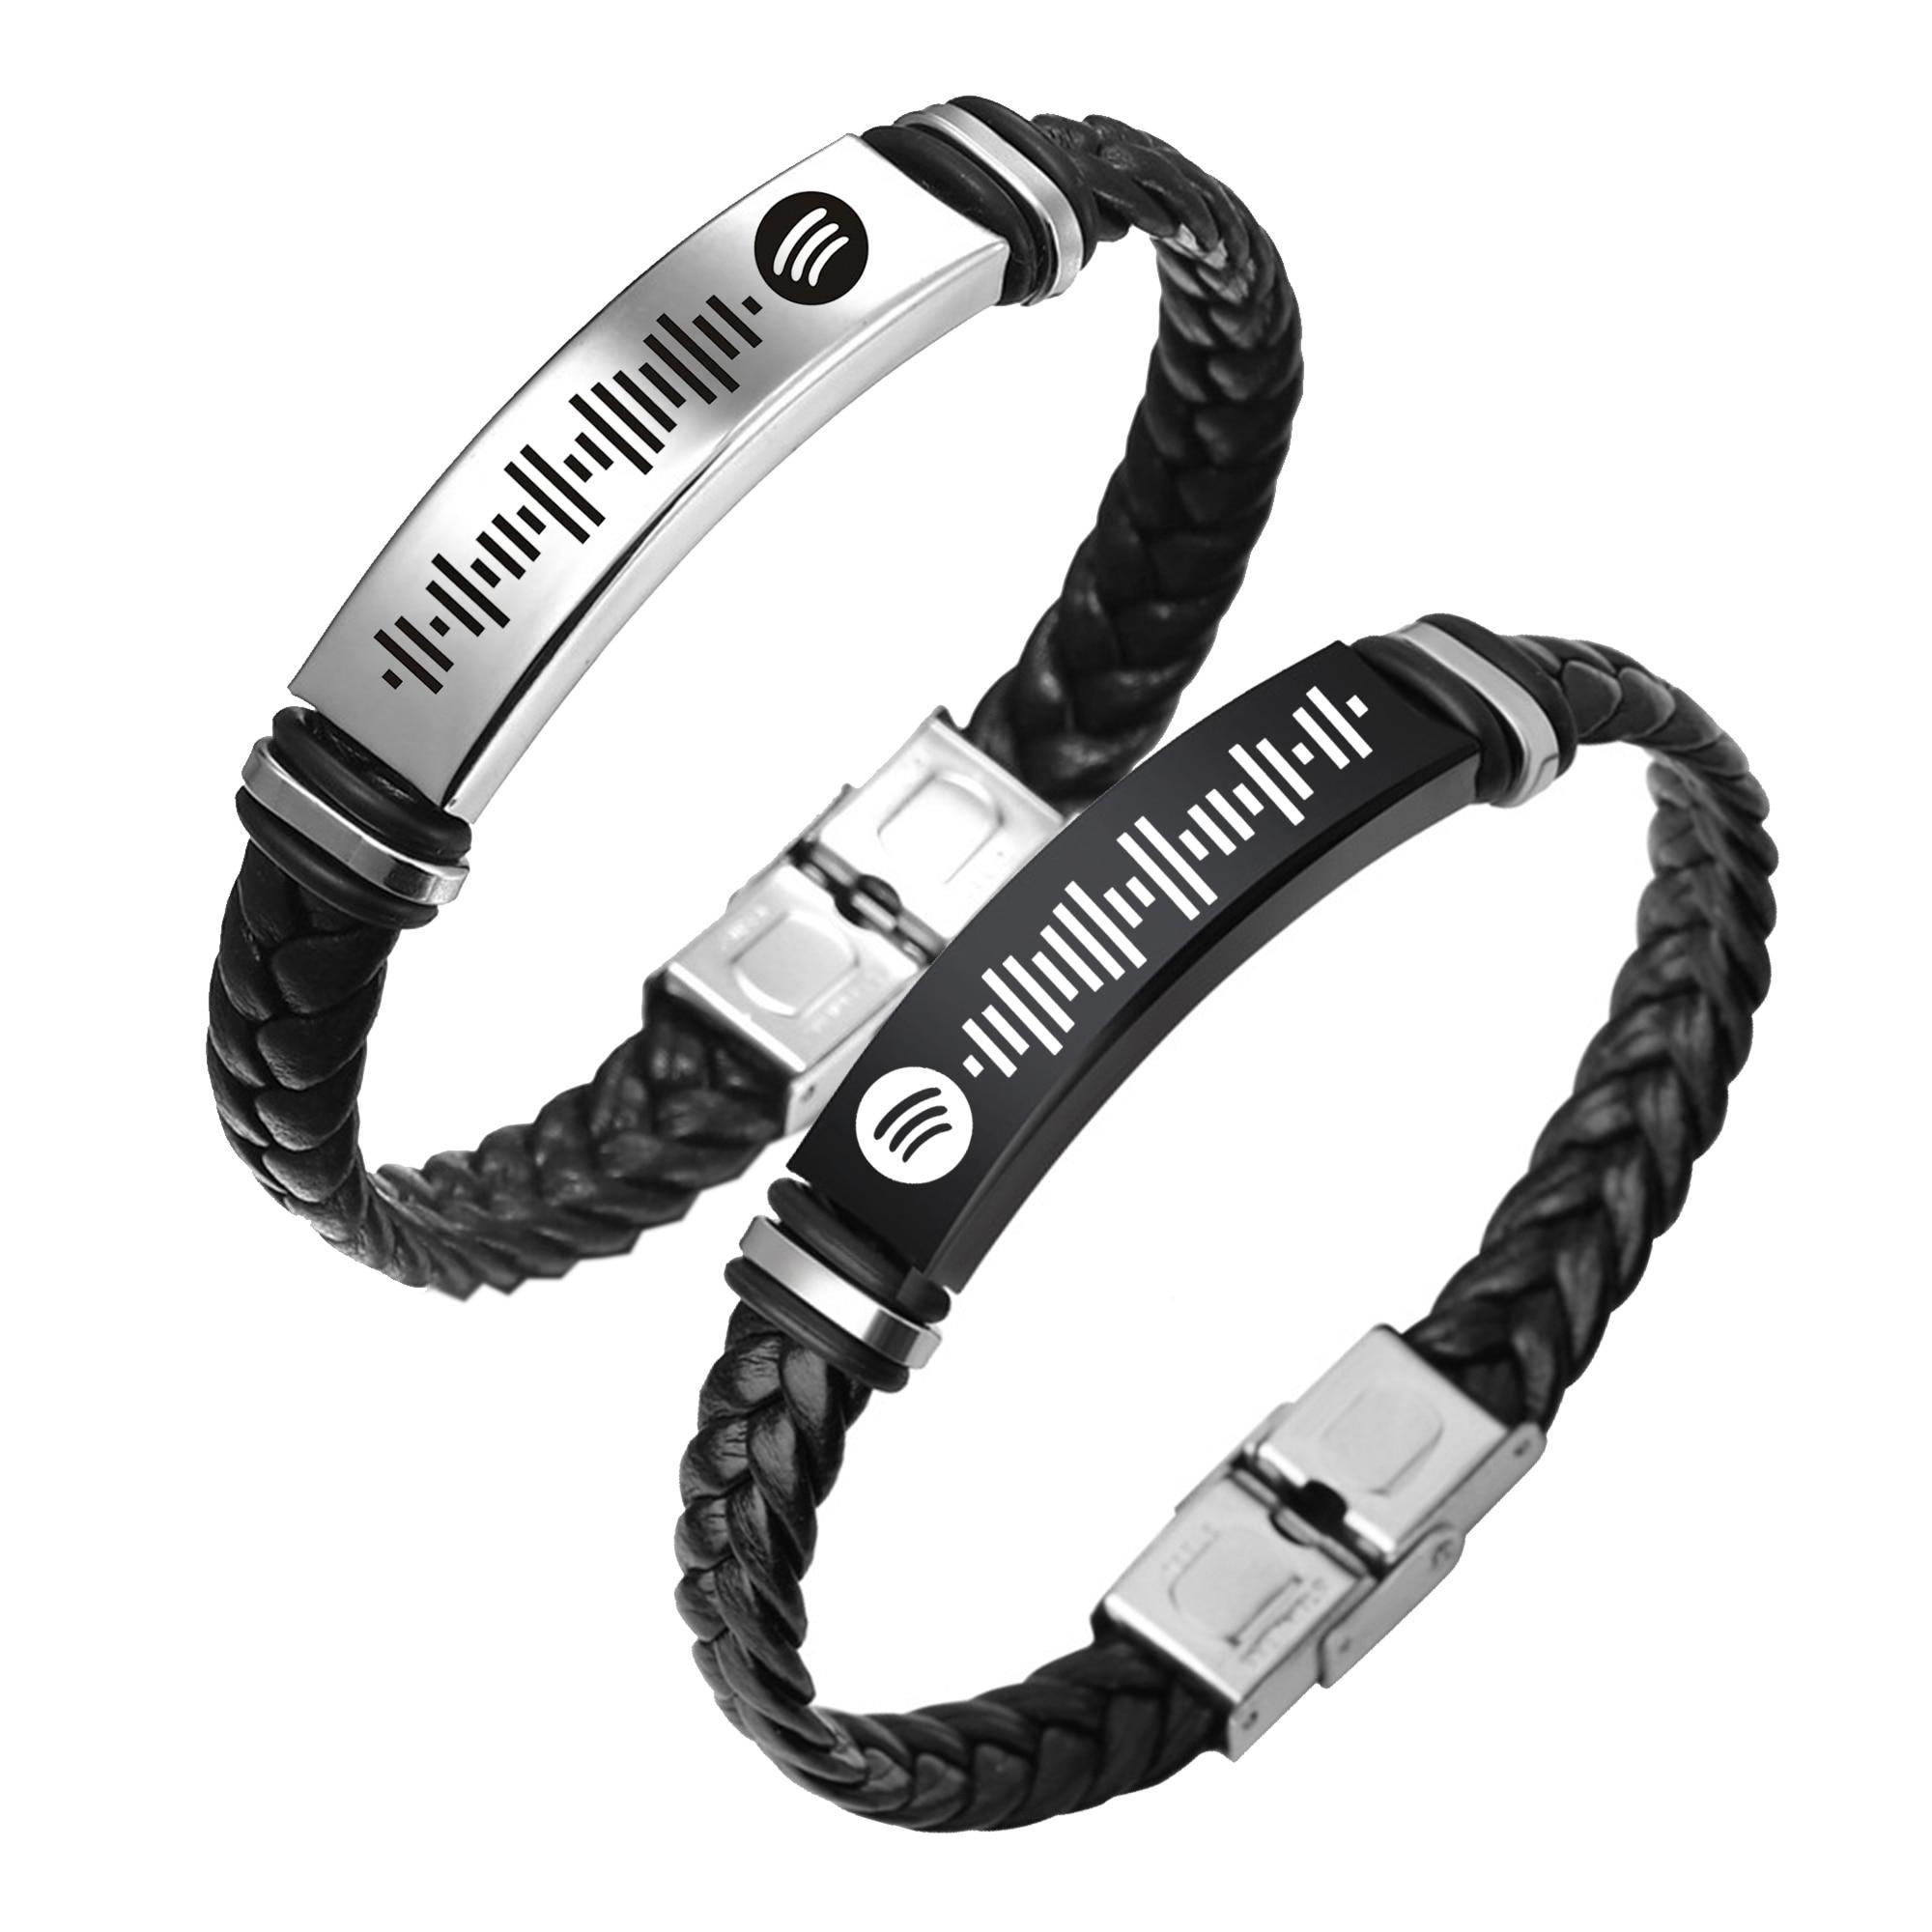 Пользовательская музыка Spotify Scan кодовый браслет для женщин мужчин PU кожаный браслет Персонализированная песня код ювелирные изделия для па...